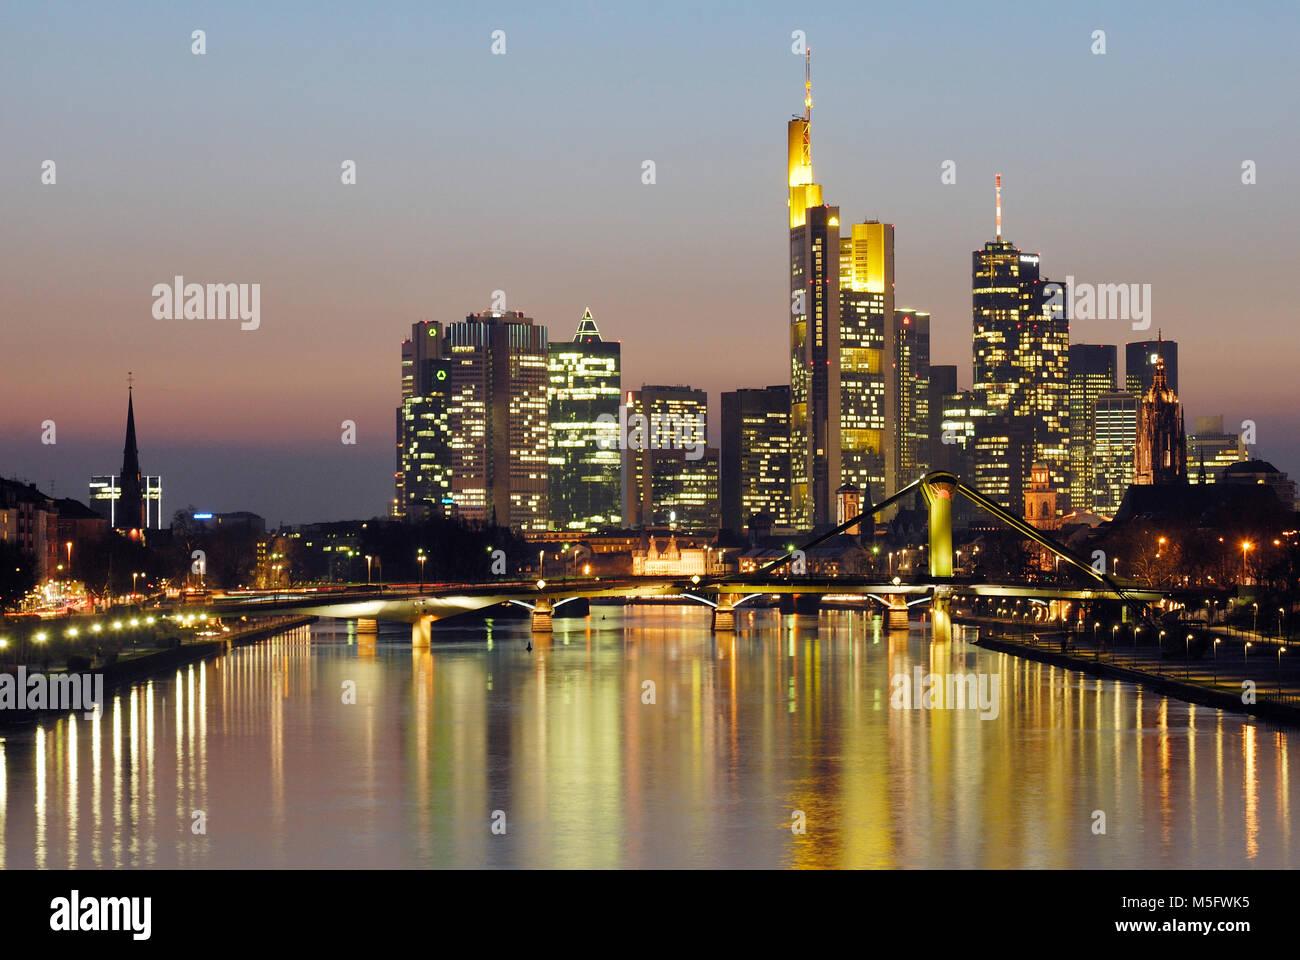 Skyline vom Main, Frankfurt, Hessen, Deutschland, Europa - Stock Image